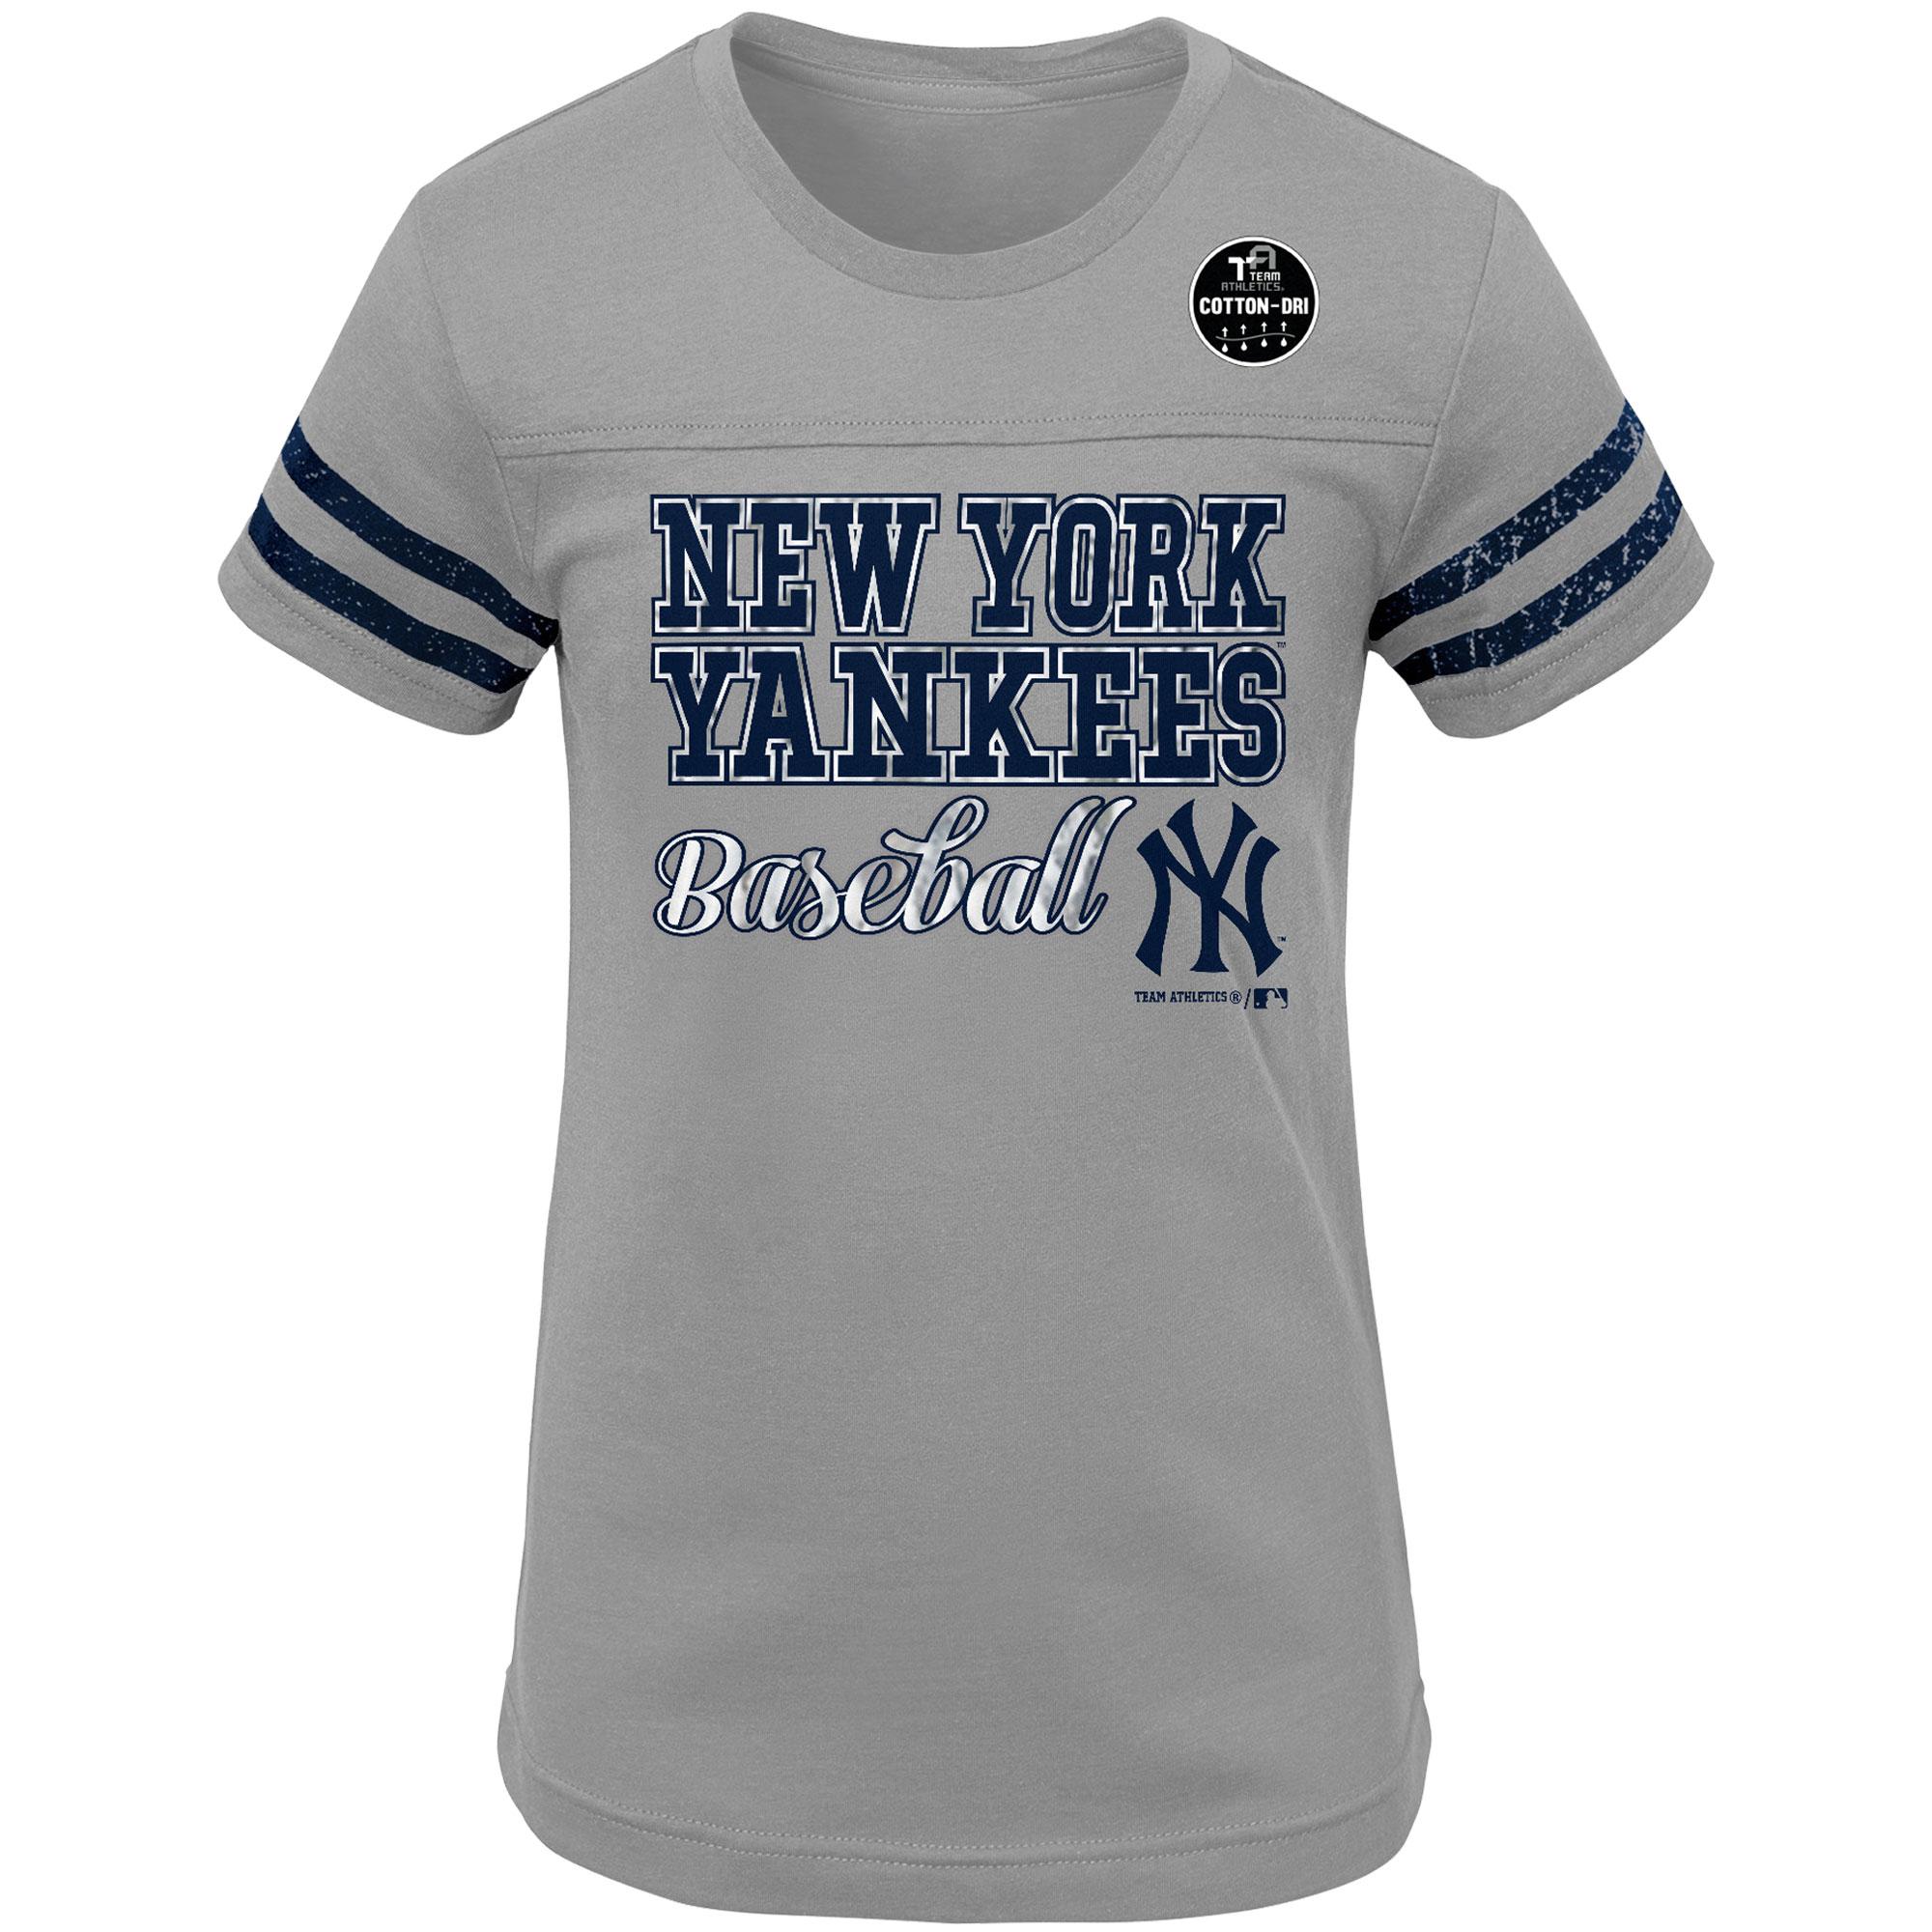 Girls Youth Gray New York Yankees Play Dri T-Shirt